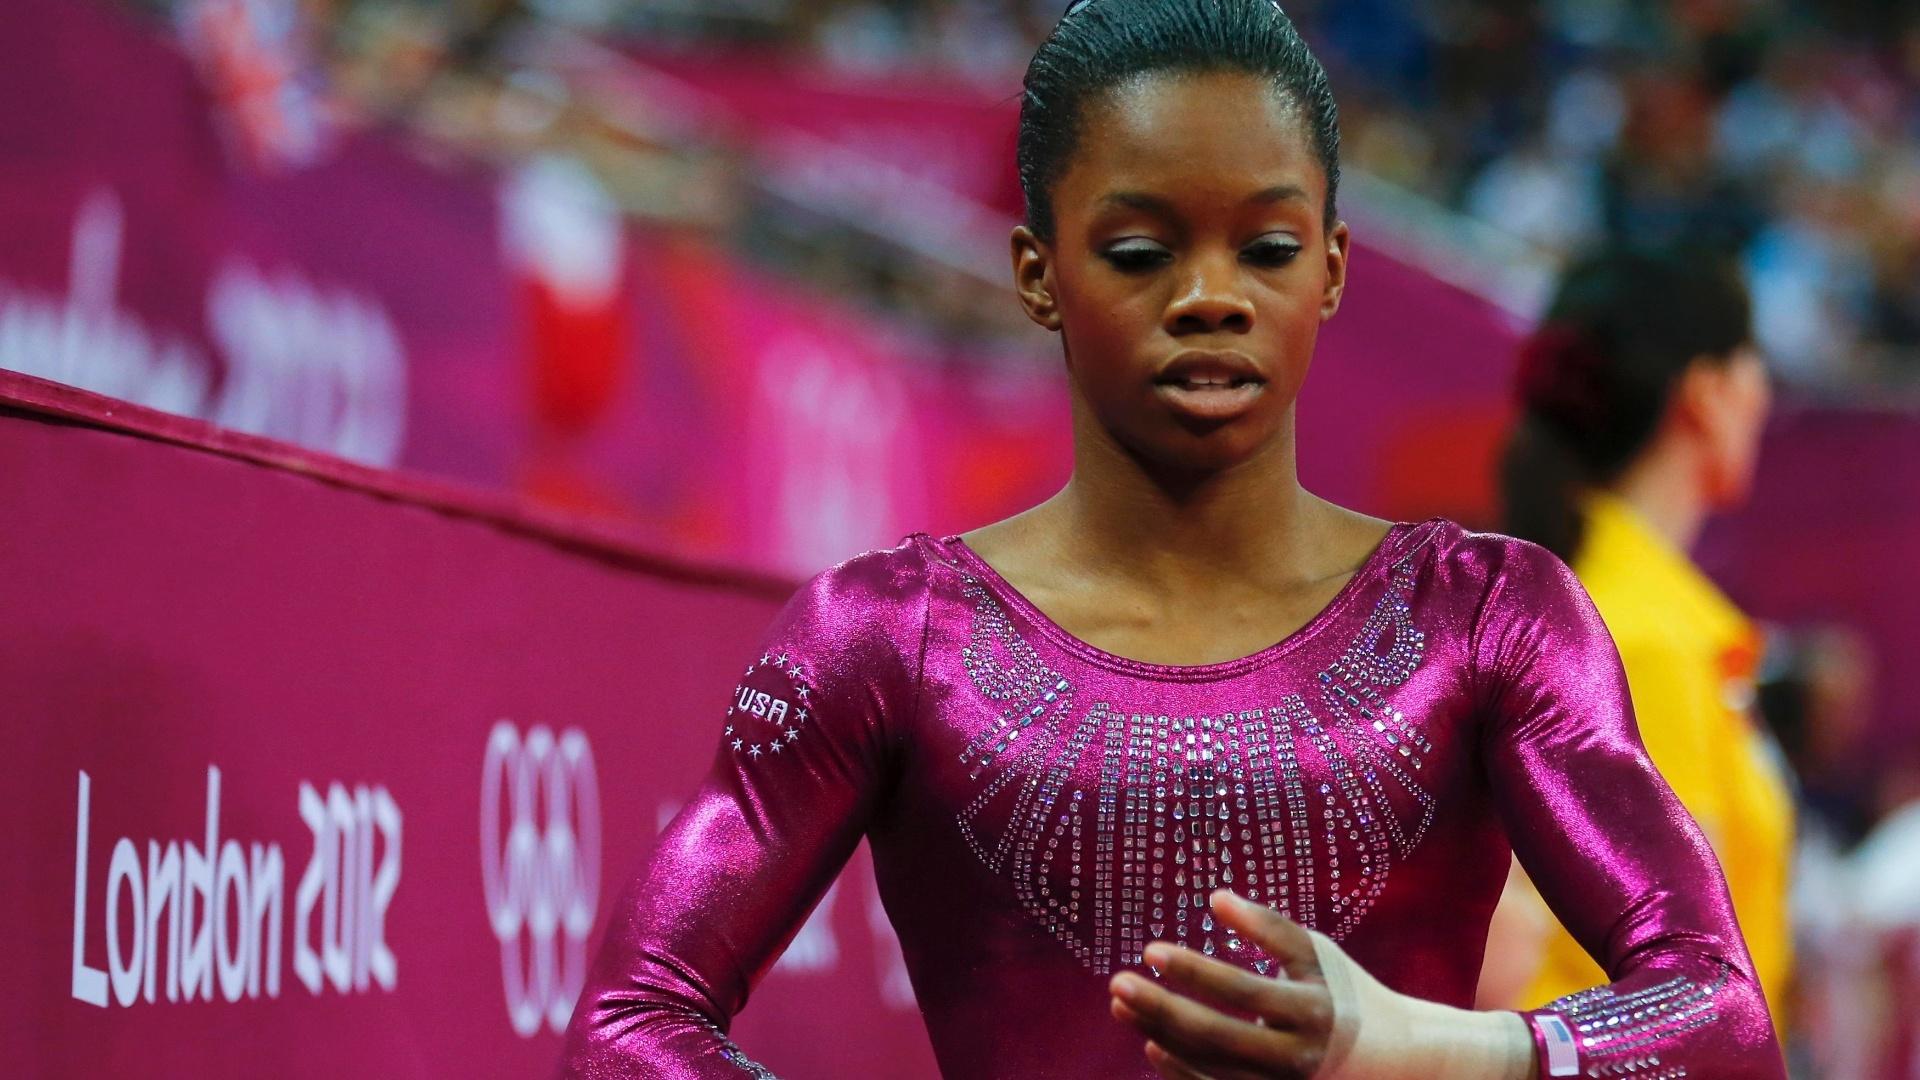 Norte-americana Gabrielle Douglas tira as bandagens das mãos após fazer bom salto na final individual geral da ginástica artística